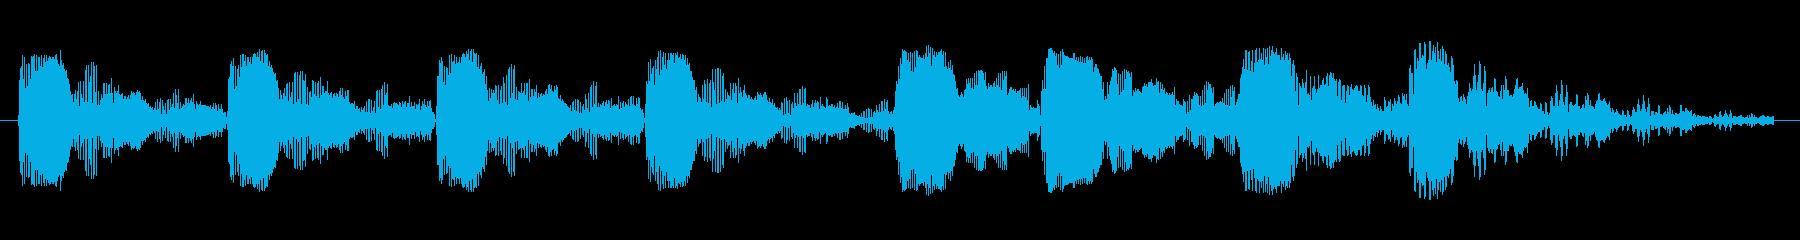 歪んだビープパルスの再生済みの波形